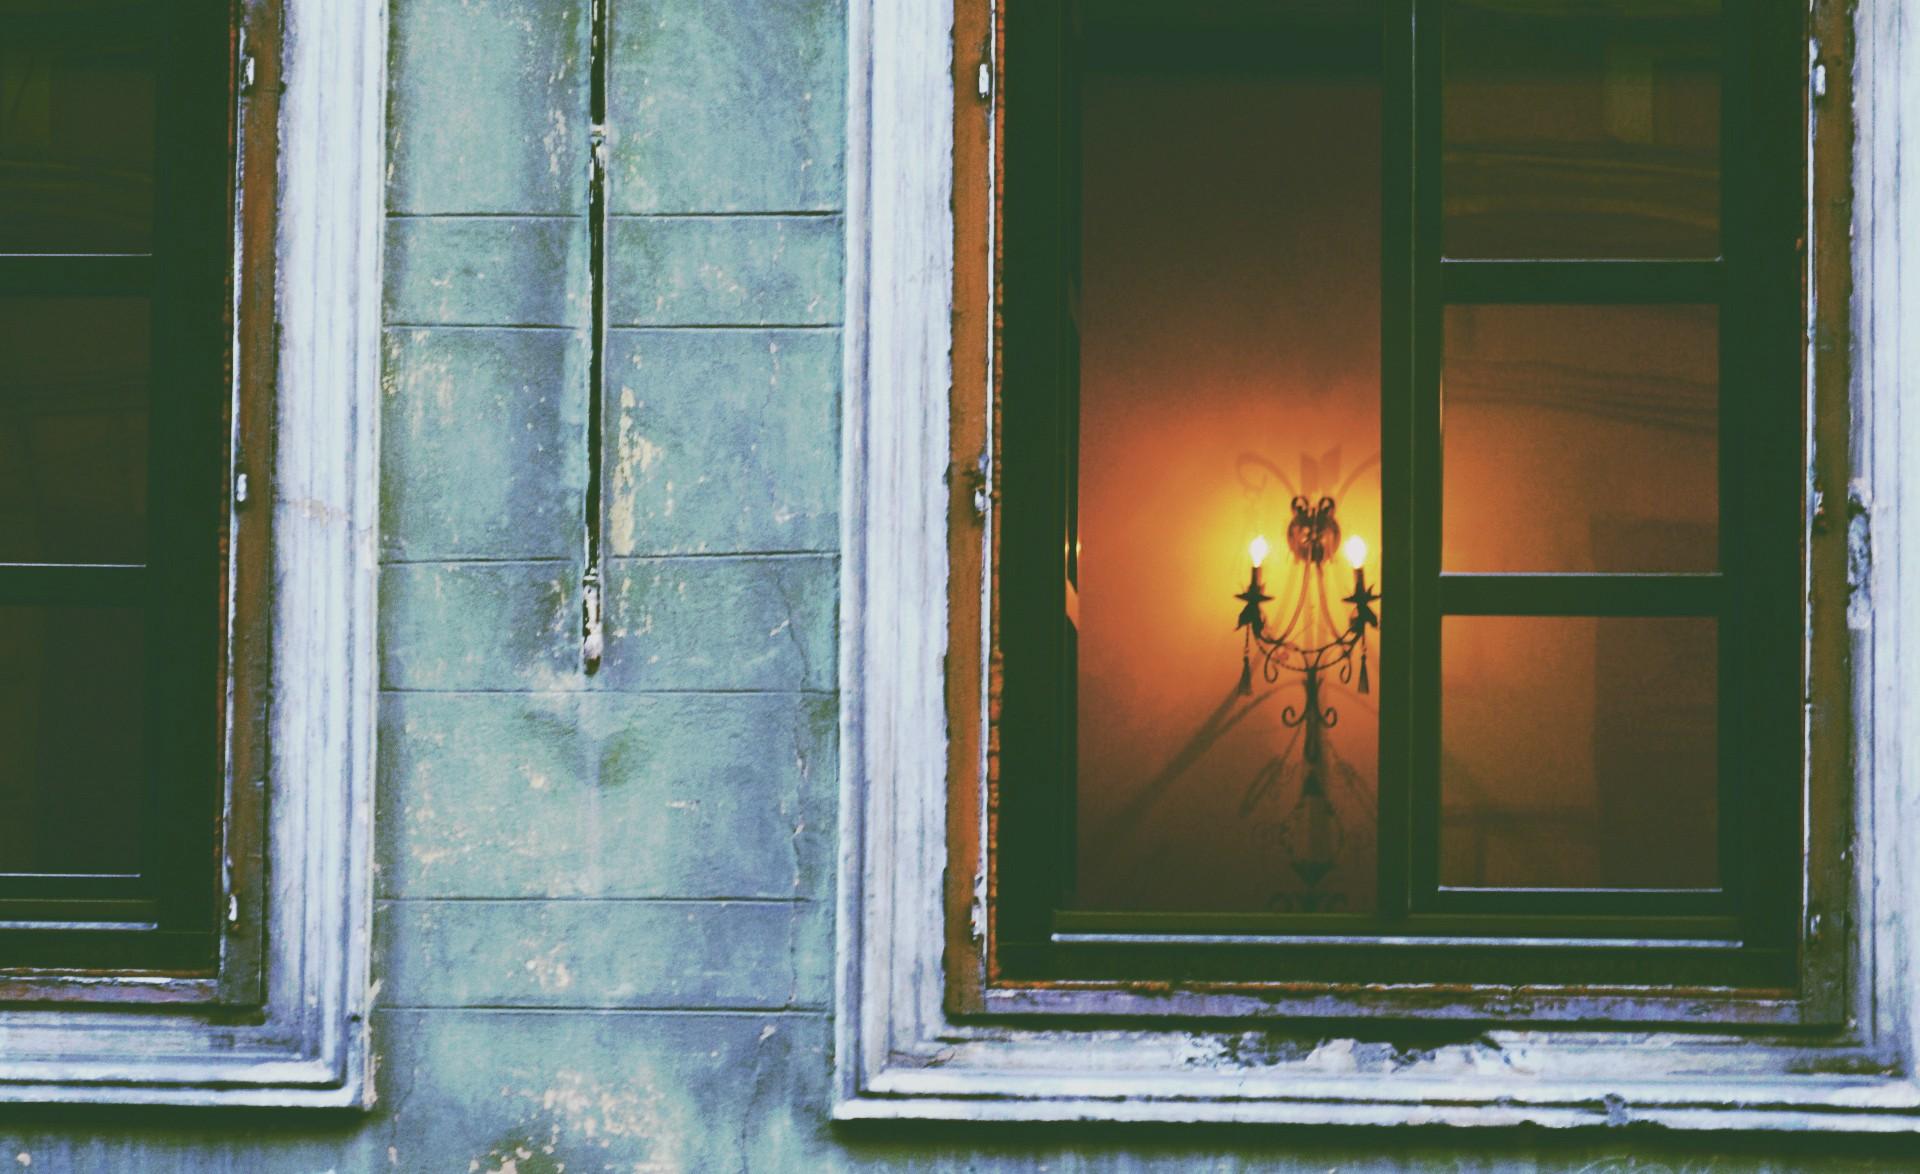 Fondos de pantalla : pared, fotografía, madera, casa, verde, vaso ...